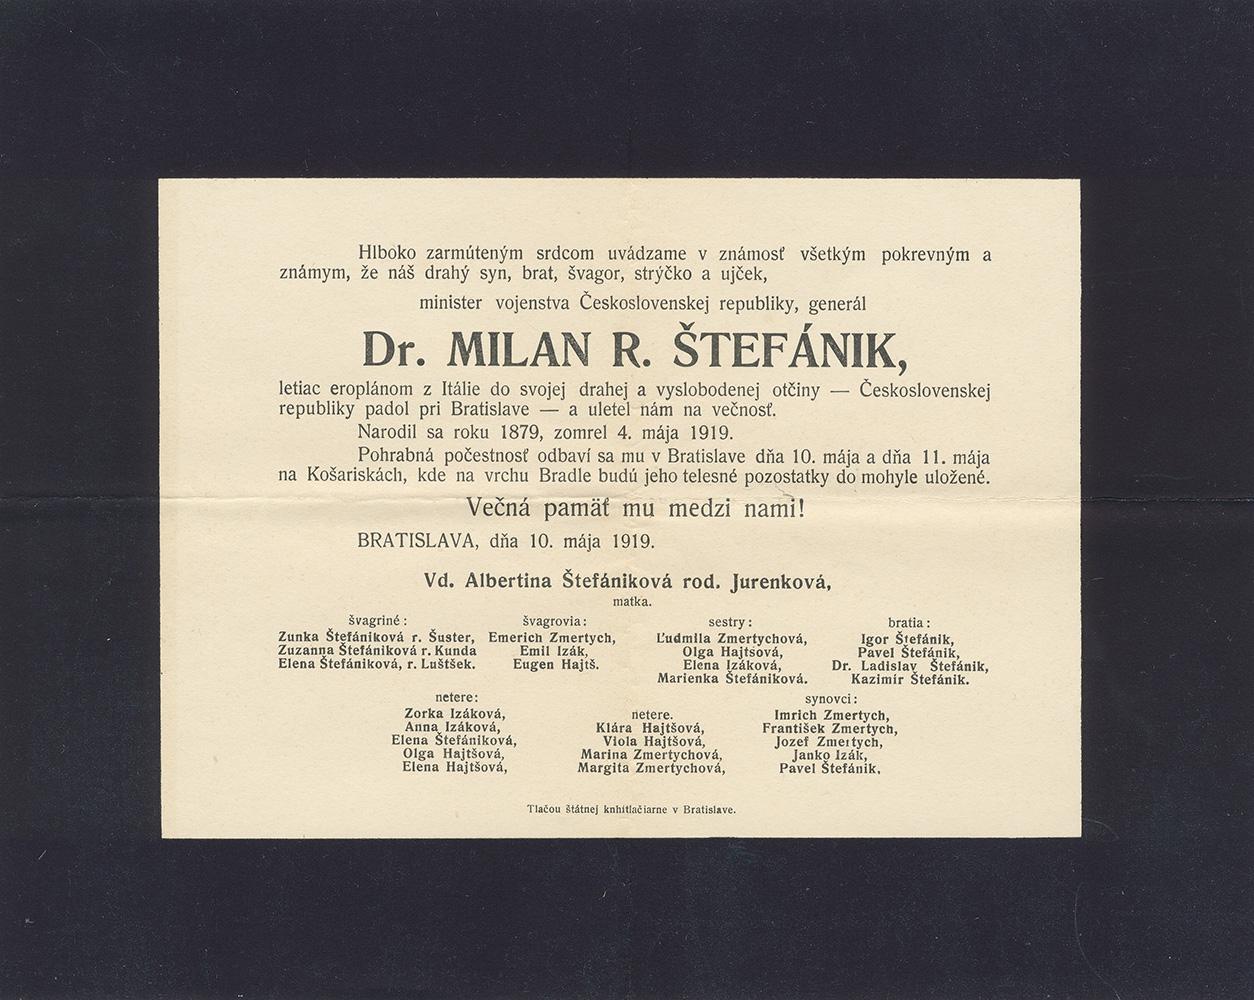 Avis commémoratif du décès de Milán R. Štefánik, Bratislava (Slovaquie), 10 mai 1919